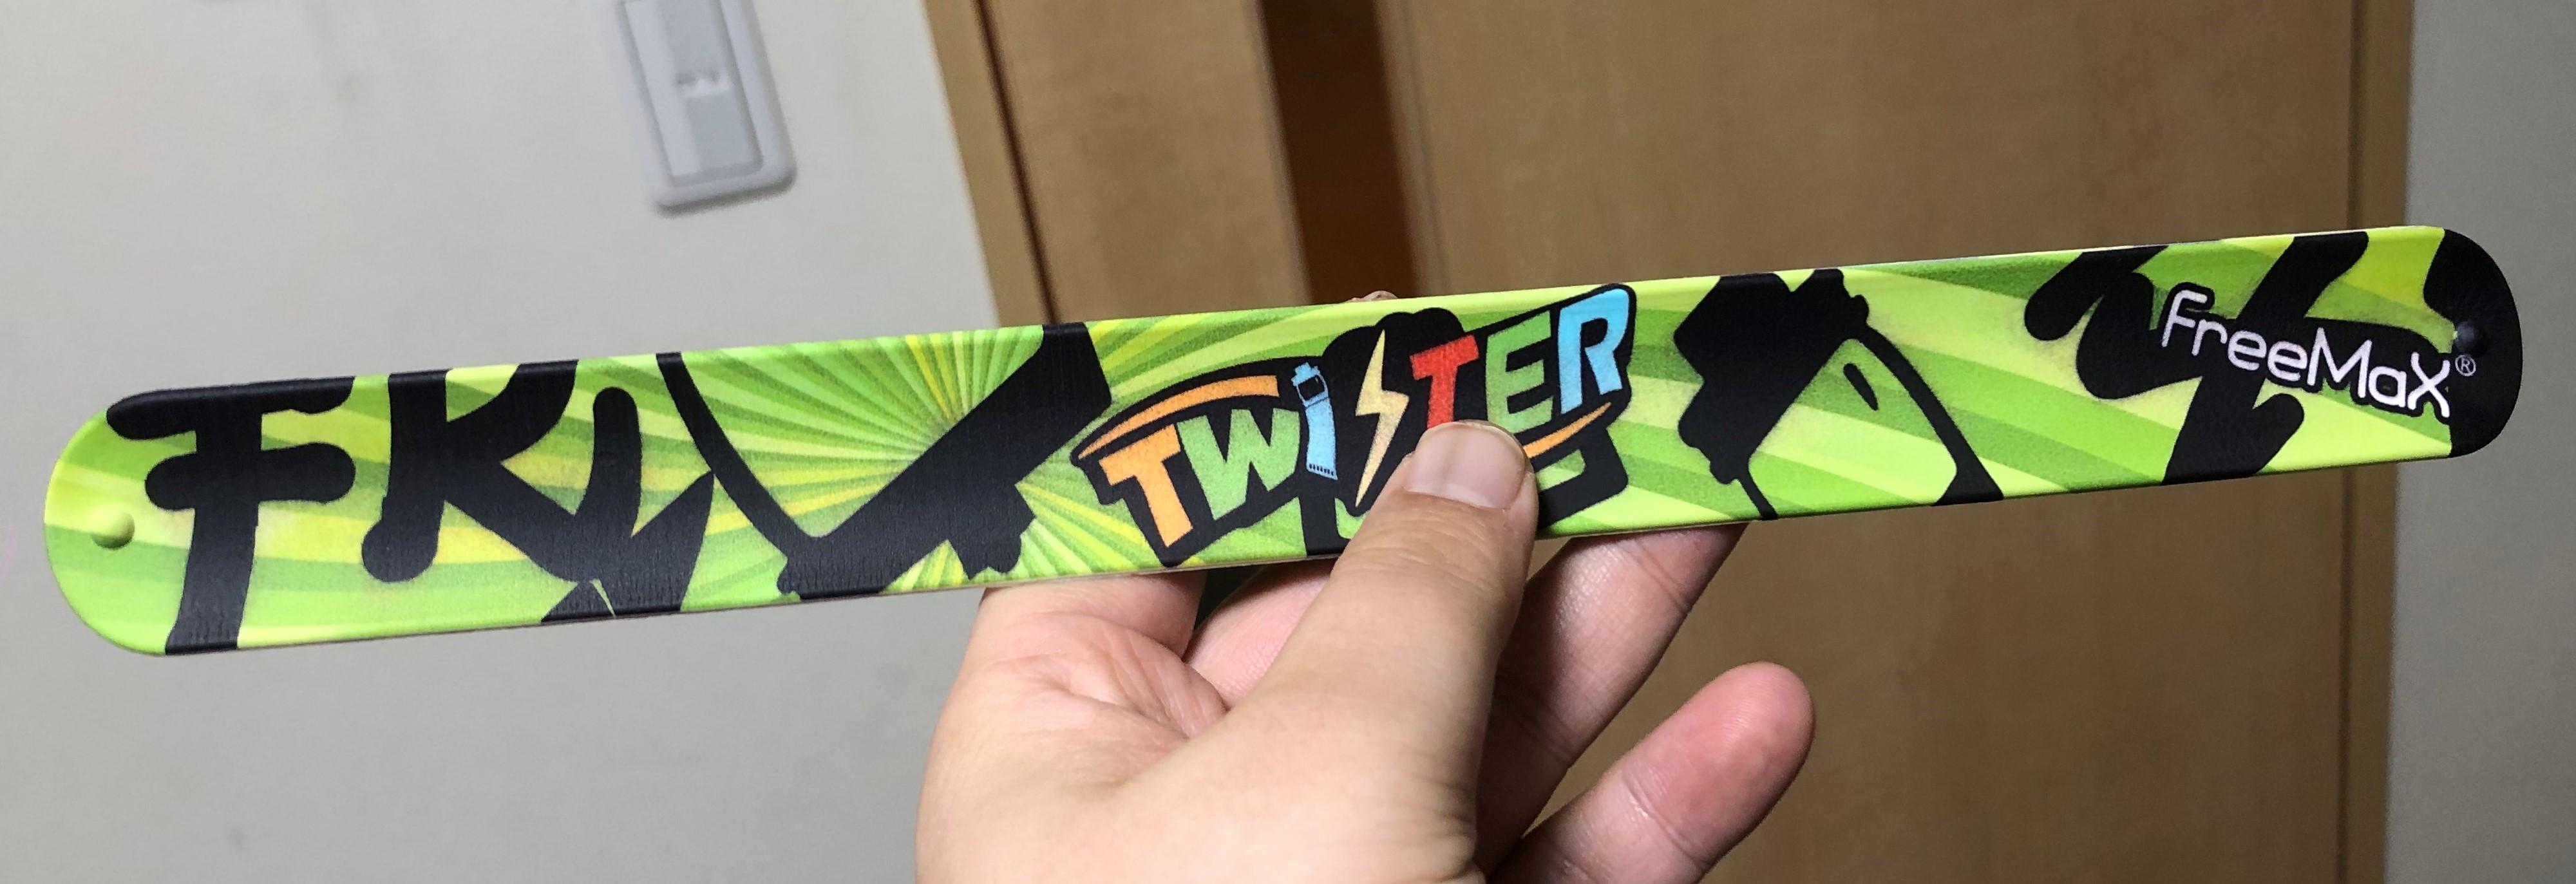 20190210 084955346 iOS - 【レビュー】Freemax社謹製!Twister 80W 爆煙 Starter Kit+タンクセットを吸ってFreemaxの本気モードを感じた